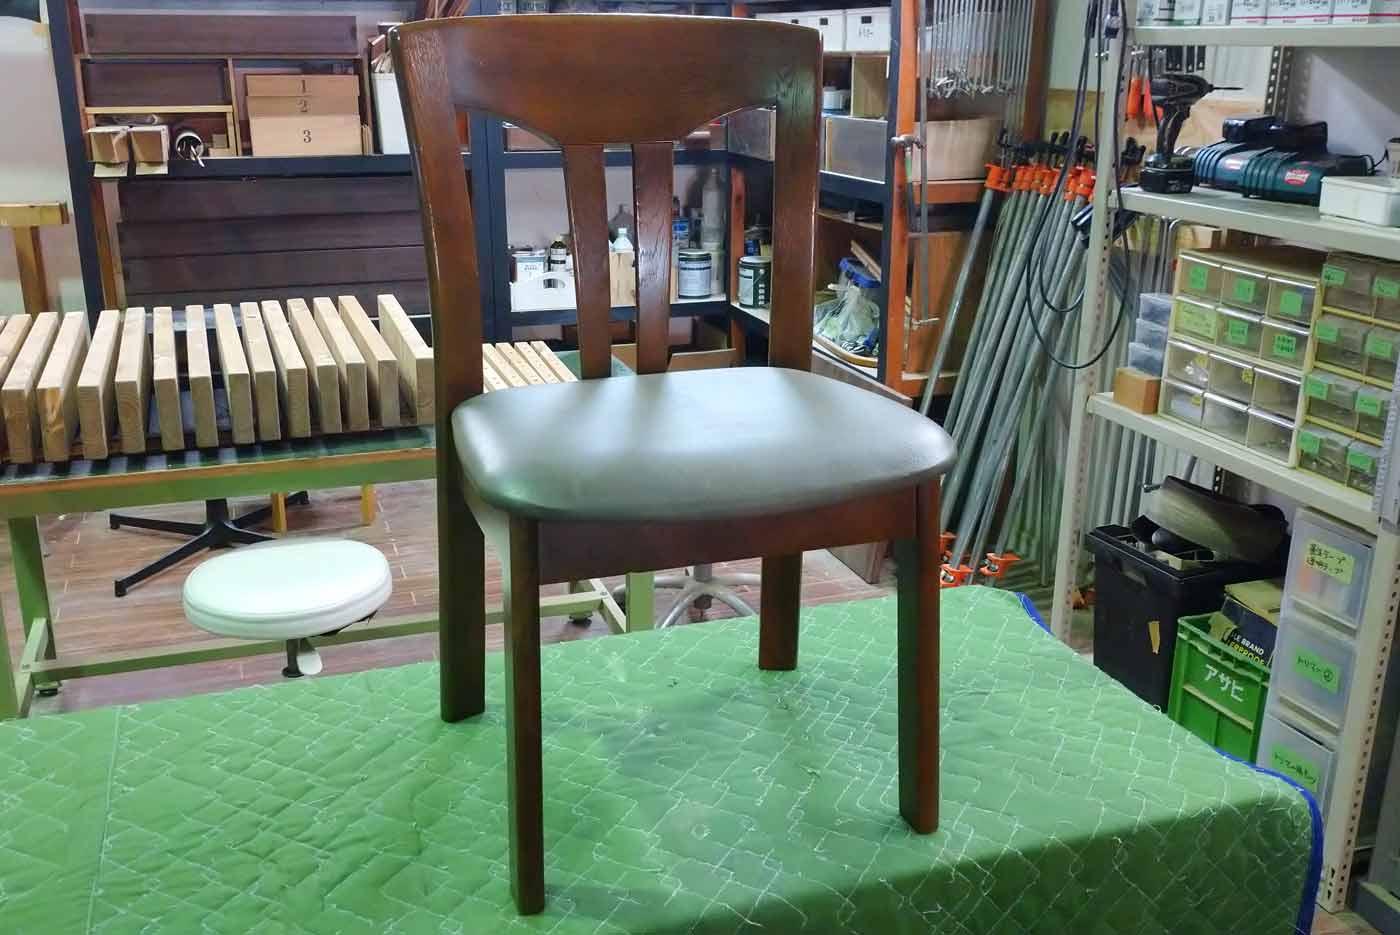 M様 椅子 ぐらつき 修理